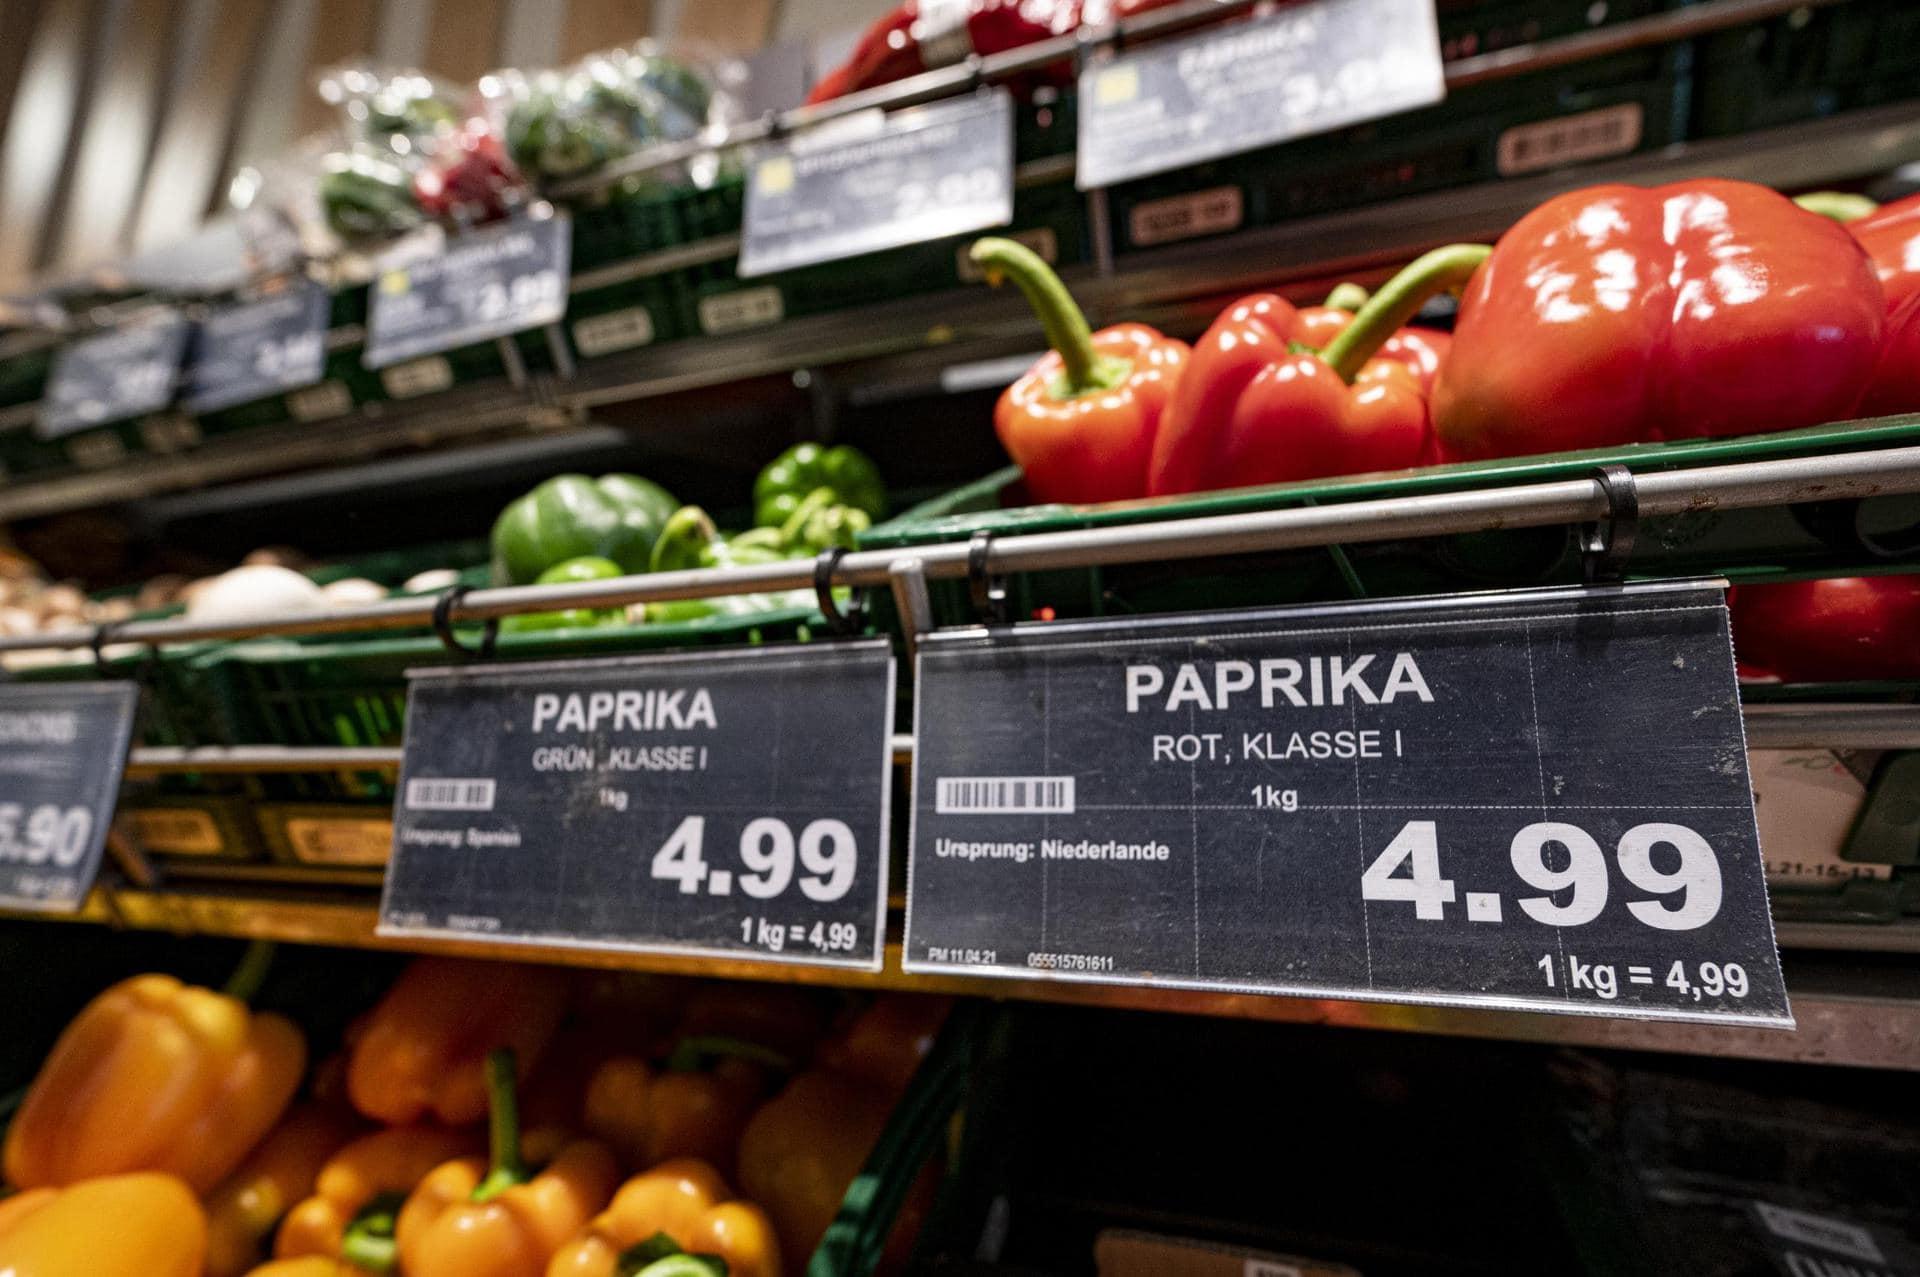 Studie: Mehrwertsteuer-Senkung hat Haushalte entlastet Pandemie-Maßnahme